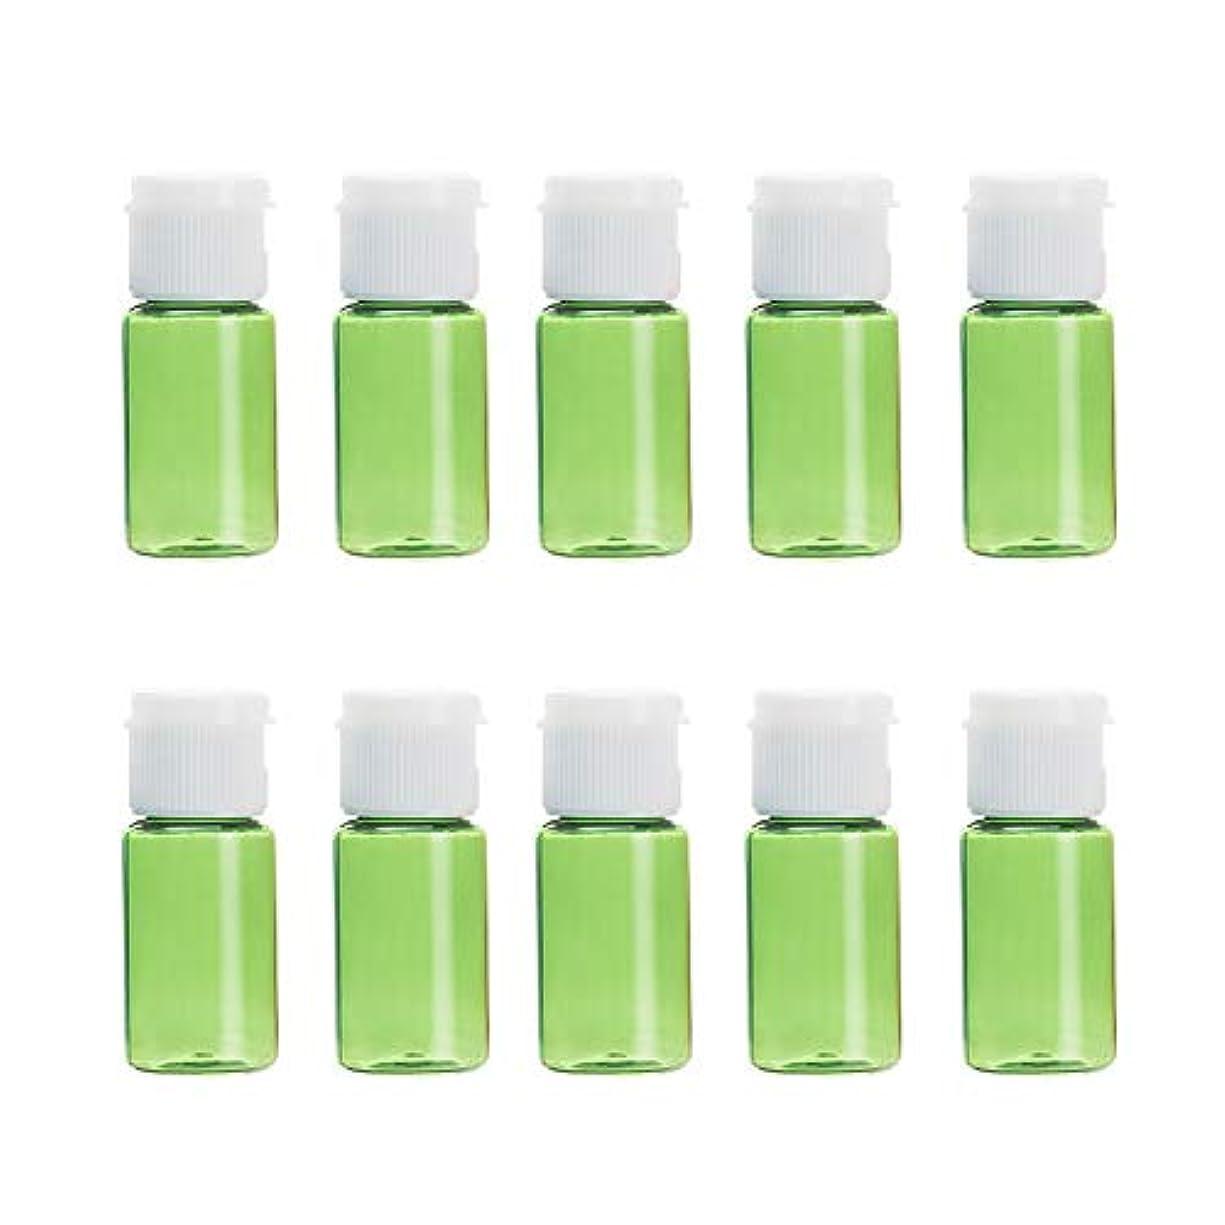 練習した残忍な困ったVi.yo 小分けボトル 香水ボトル 化粧水 詰替用ボトル 携帯用 旅行用品 10ml 10本セット グリーン